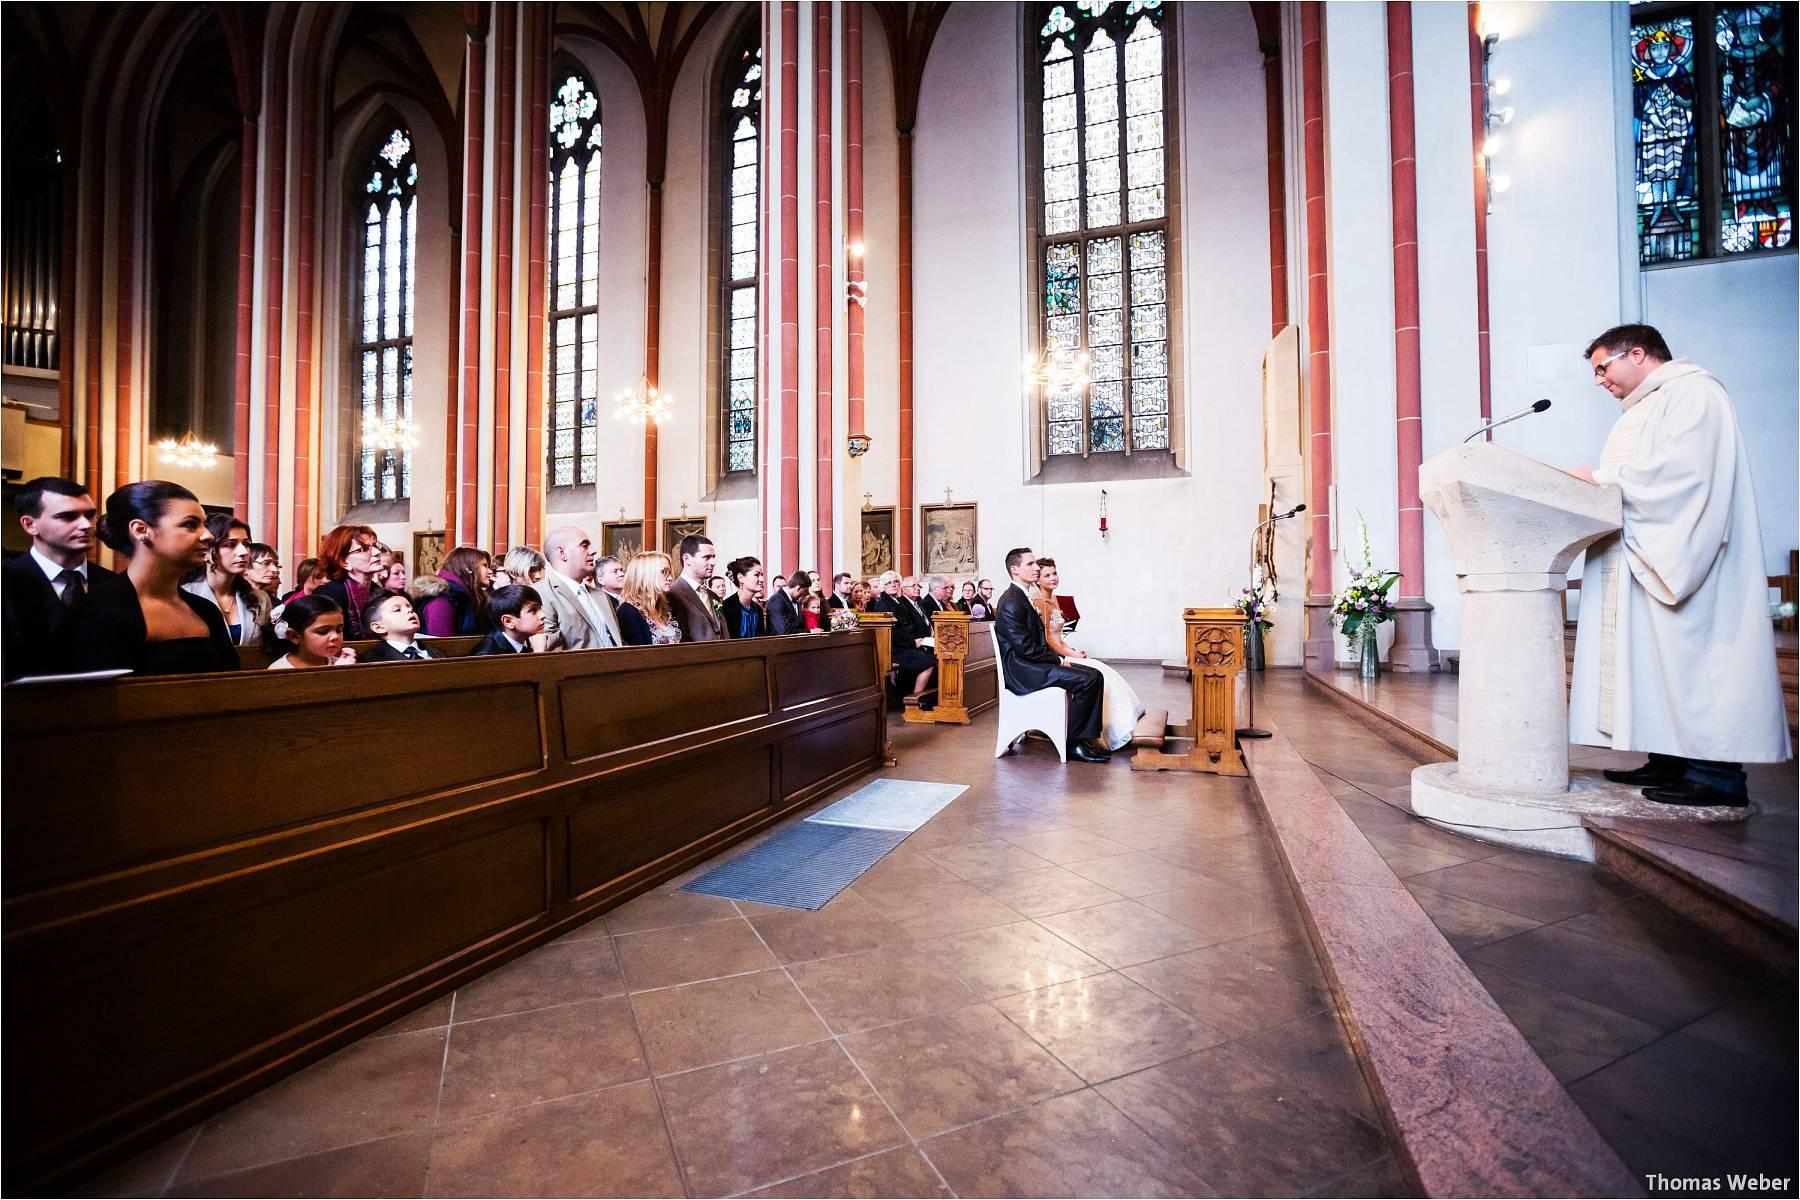 Hochzeitsfotograf Bremen: Kirchliche Trauung in der Propsteikirche St. Johann im Bremer Schnoor und Hochzeitsfeier bei Rogge Dünsen (6)